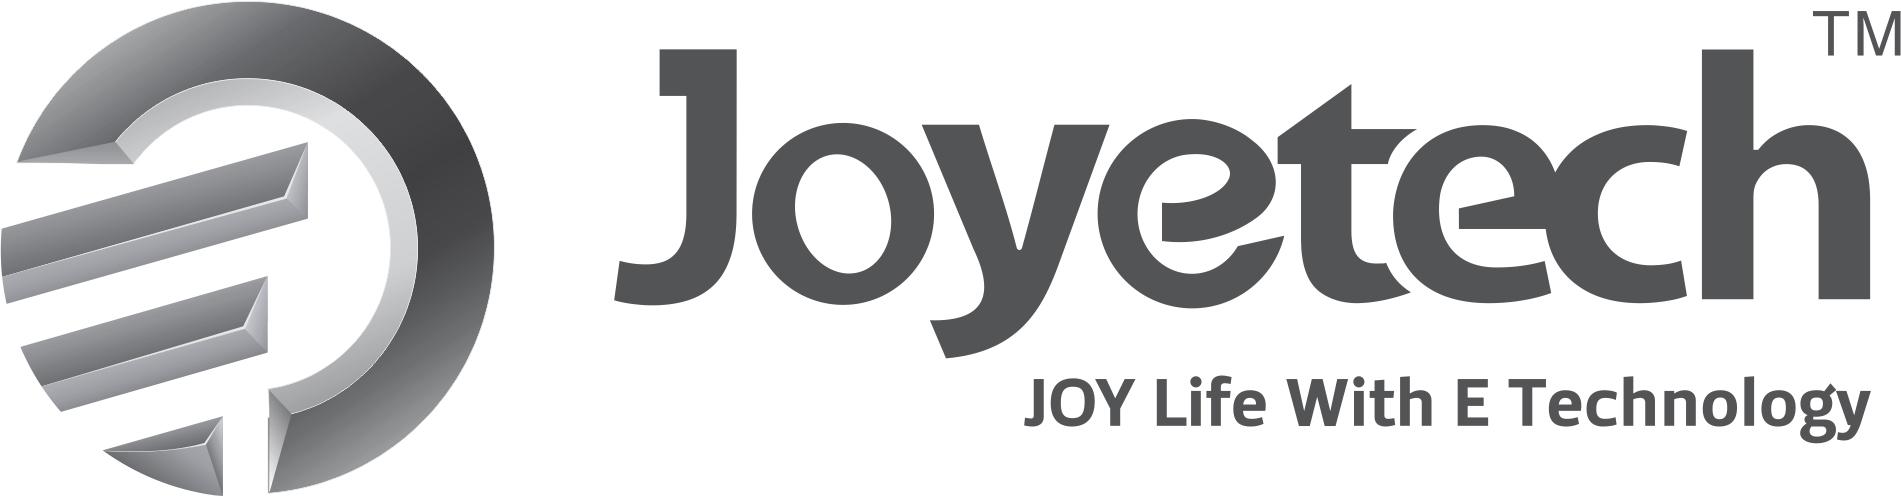 joyetech-logo2